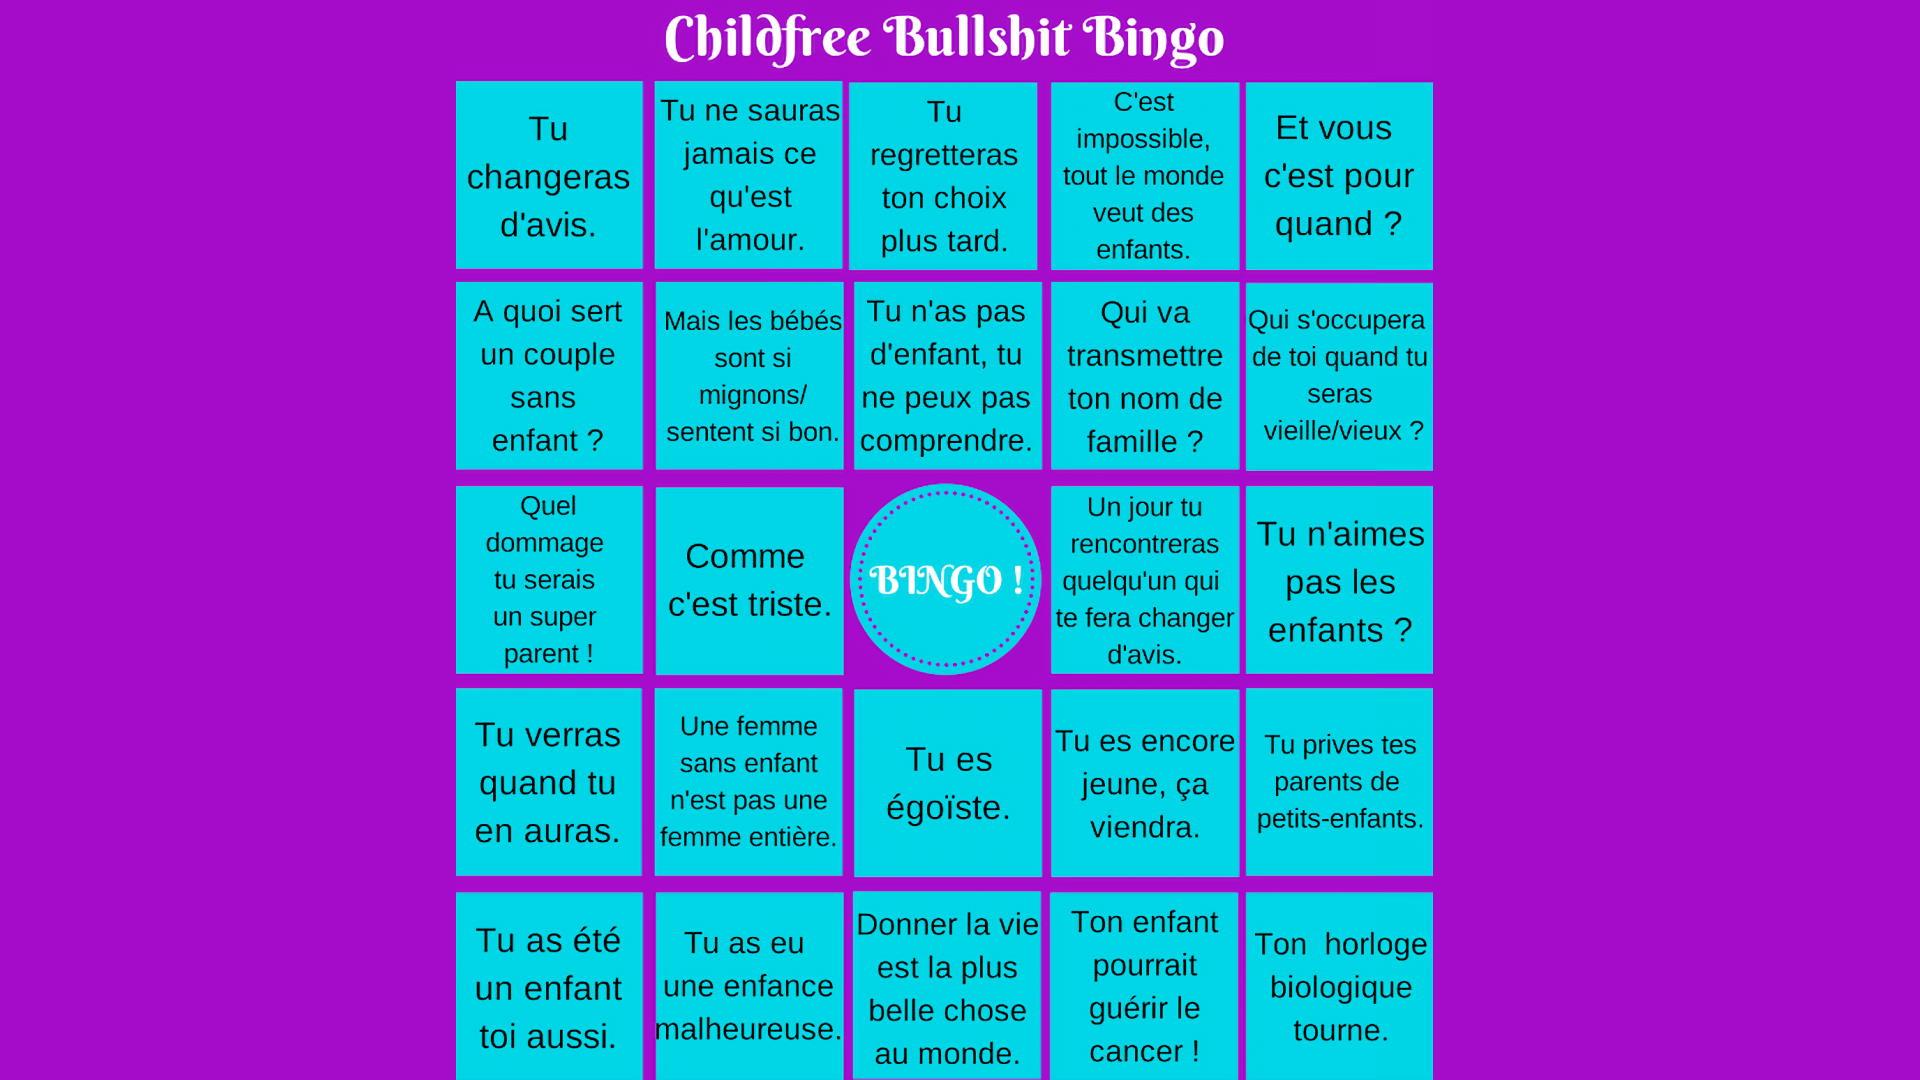 Childfree Bullshit Bingo